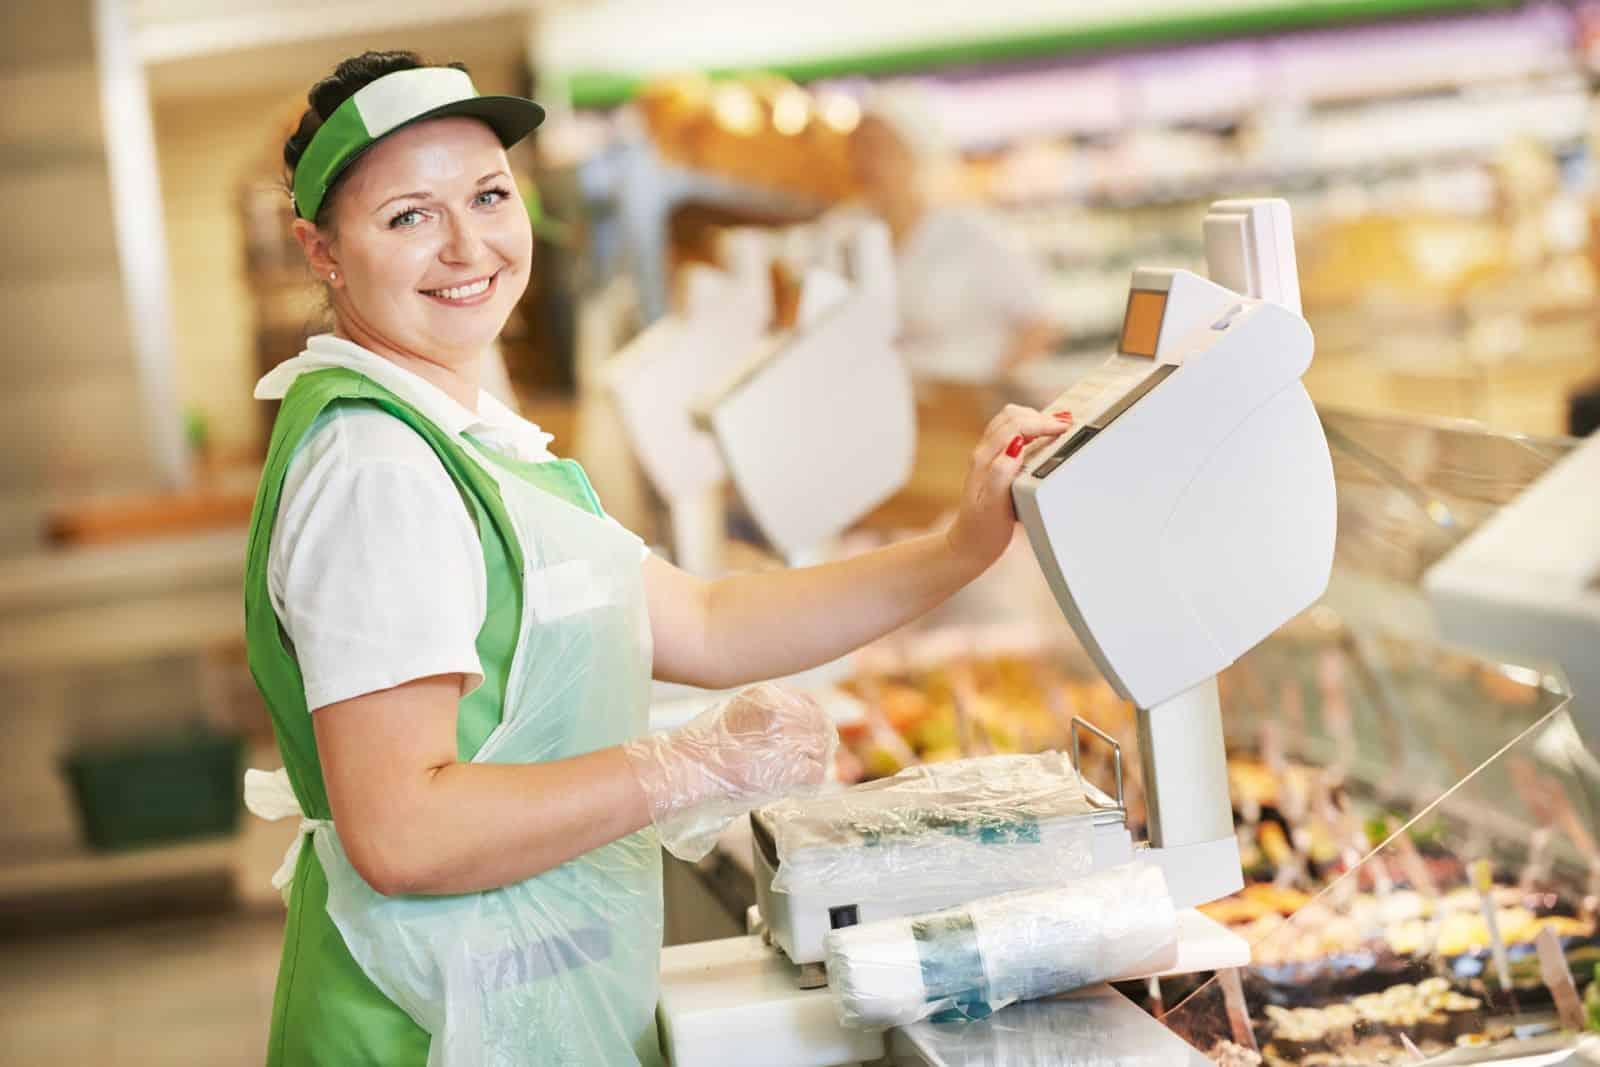 Недостача в магазине — что делать продавцу в этом случае?